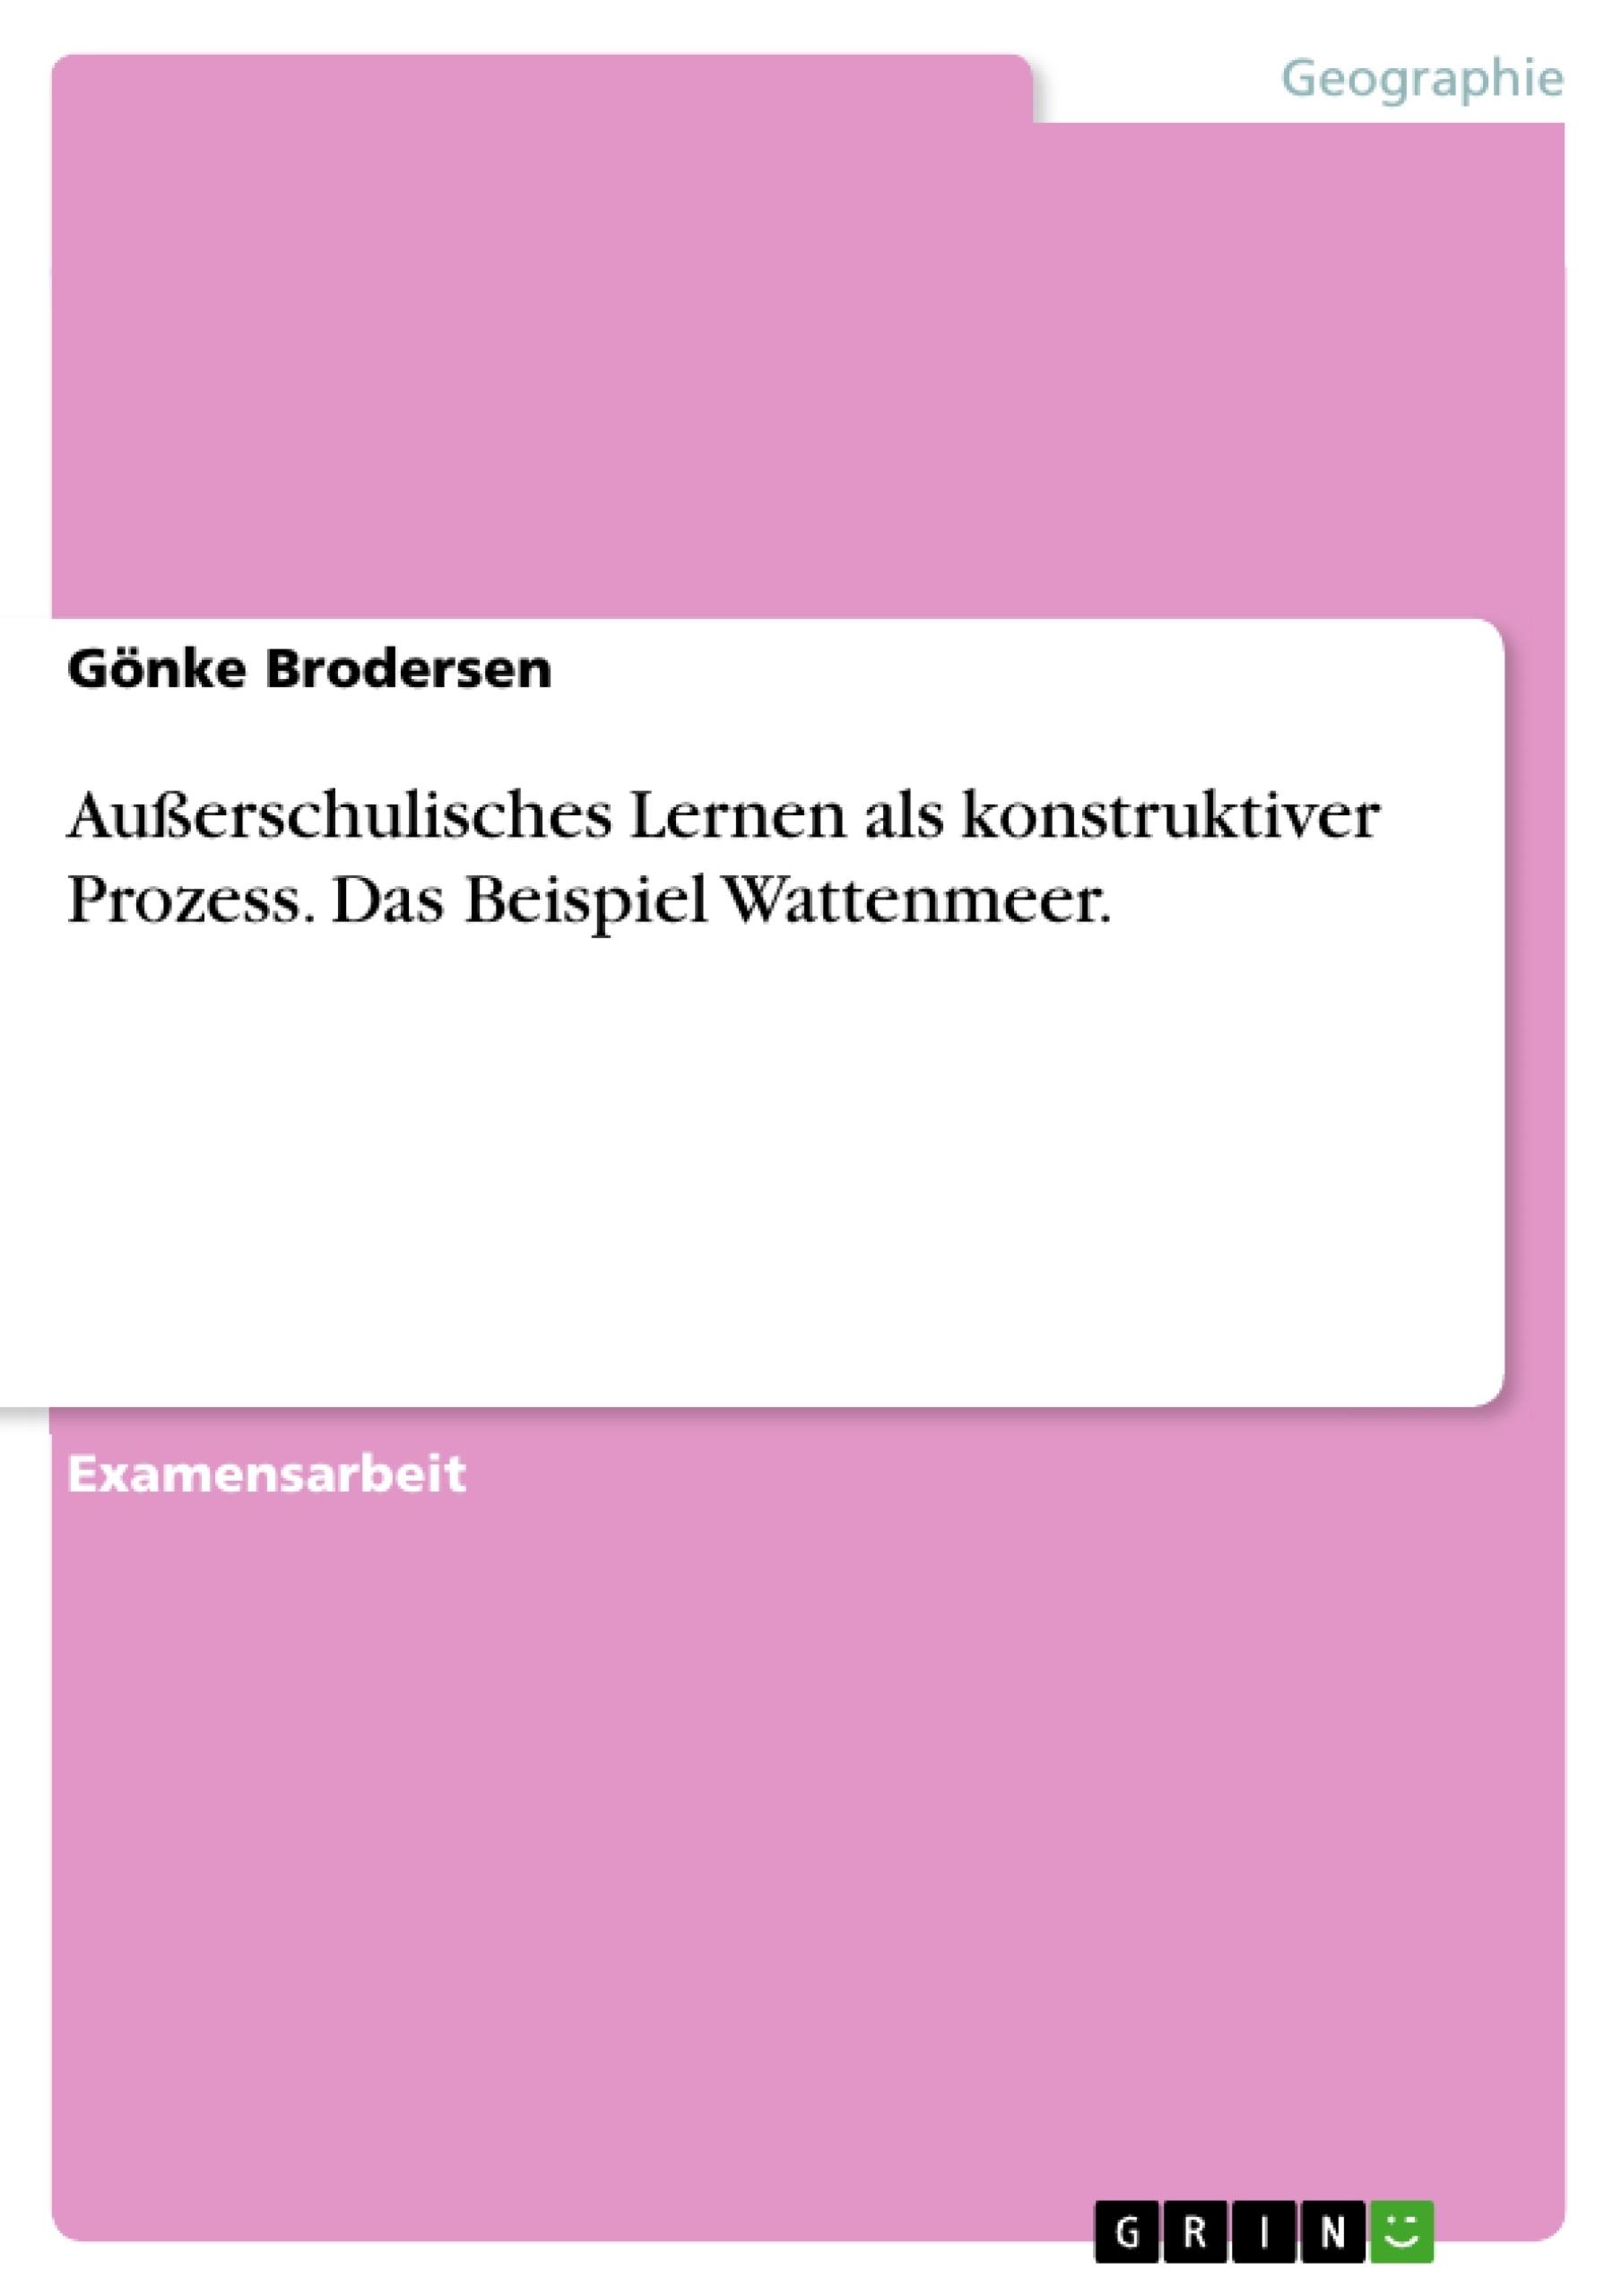 Titel: Außerschulisches Lernen als konstruktiver Prozess.  Das Beispiel Wattenmeer.